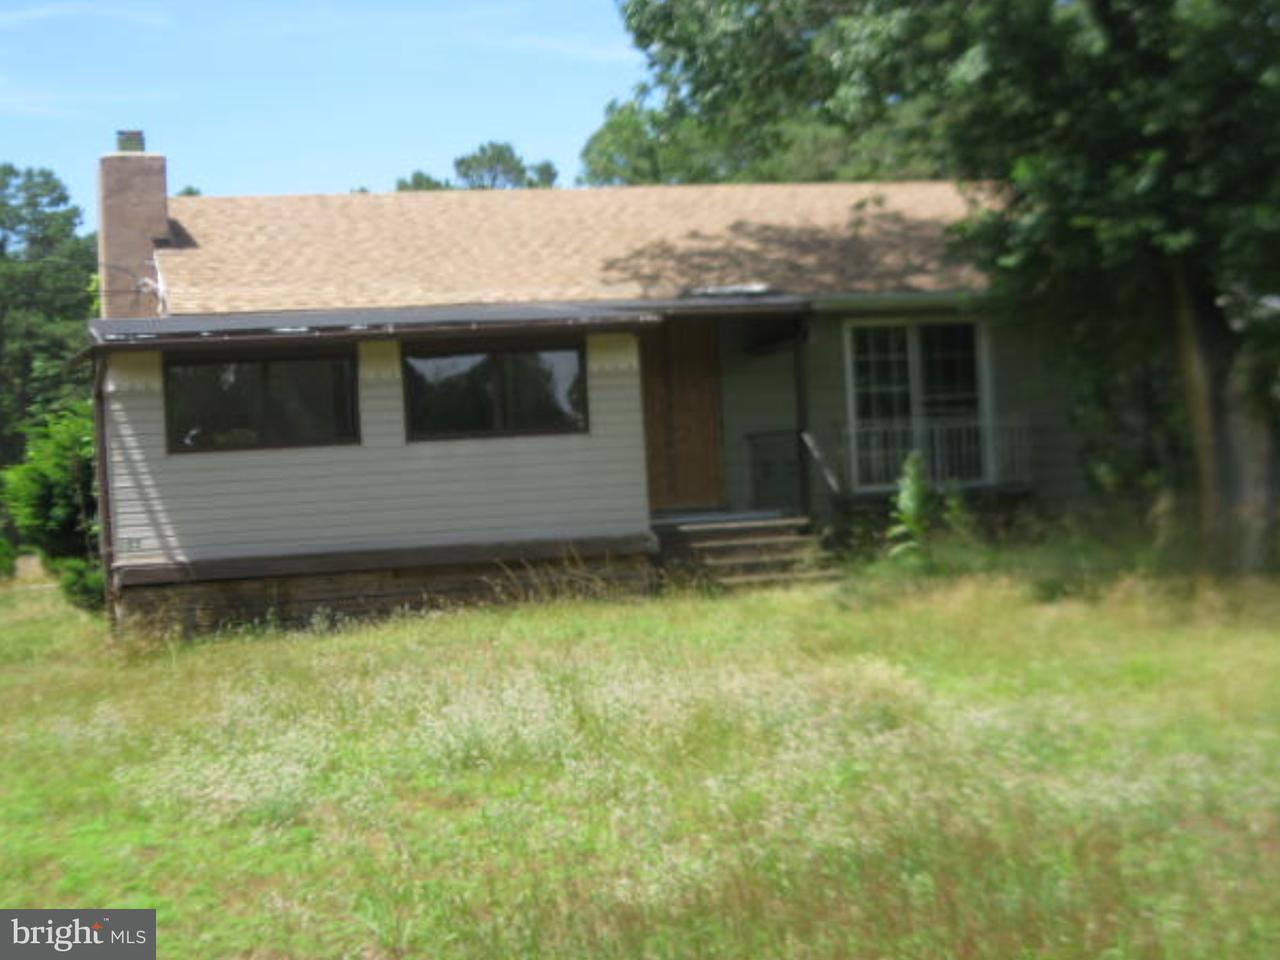 泰普 为 销售 在 155-157 MACDONALD Avenue Milmay, 新泽西州 08340 美国